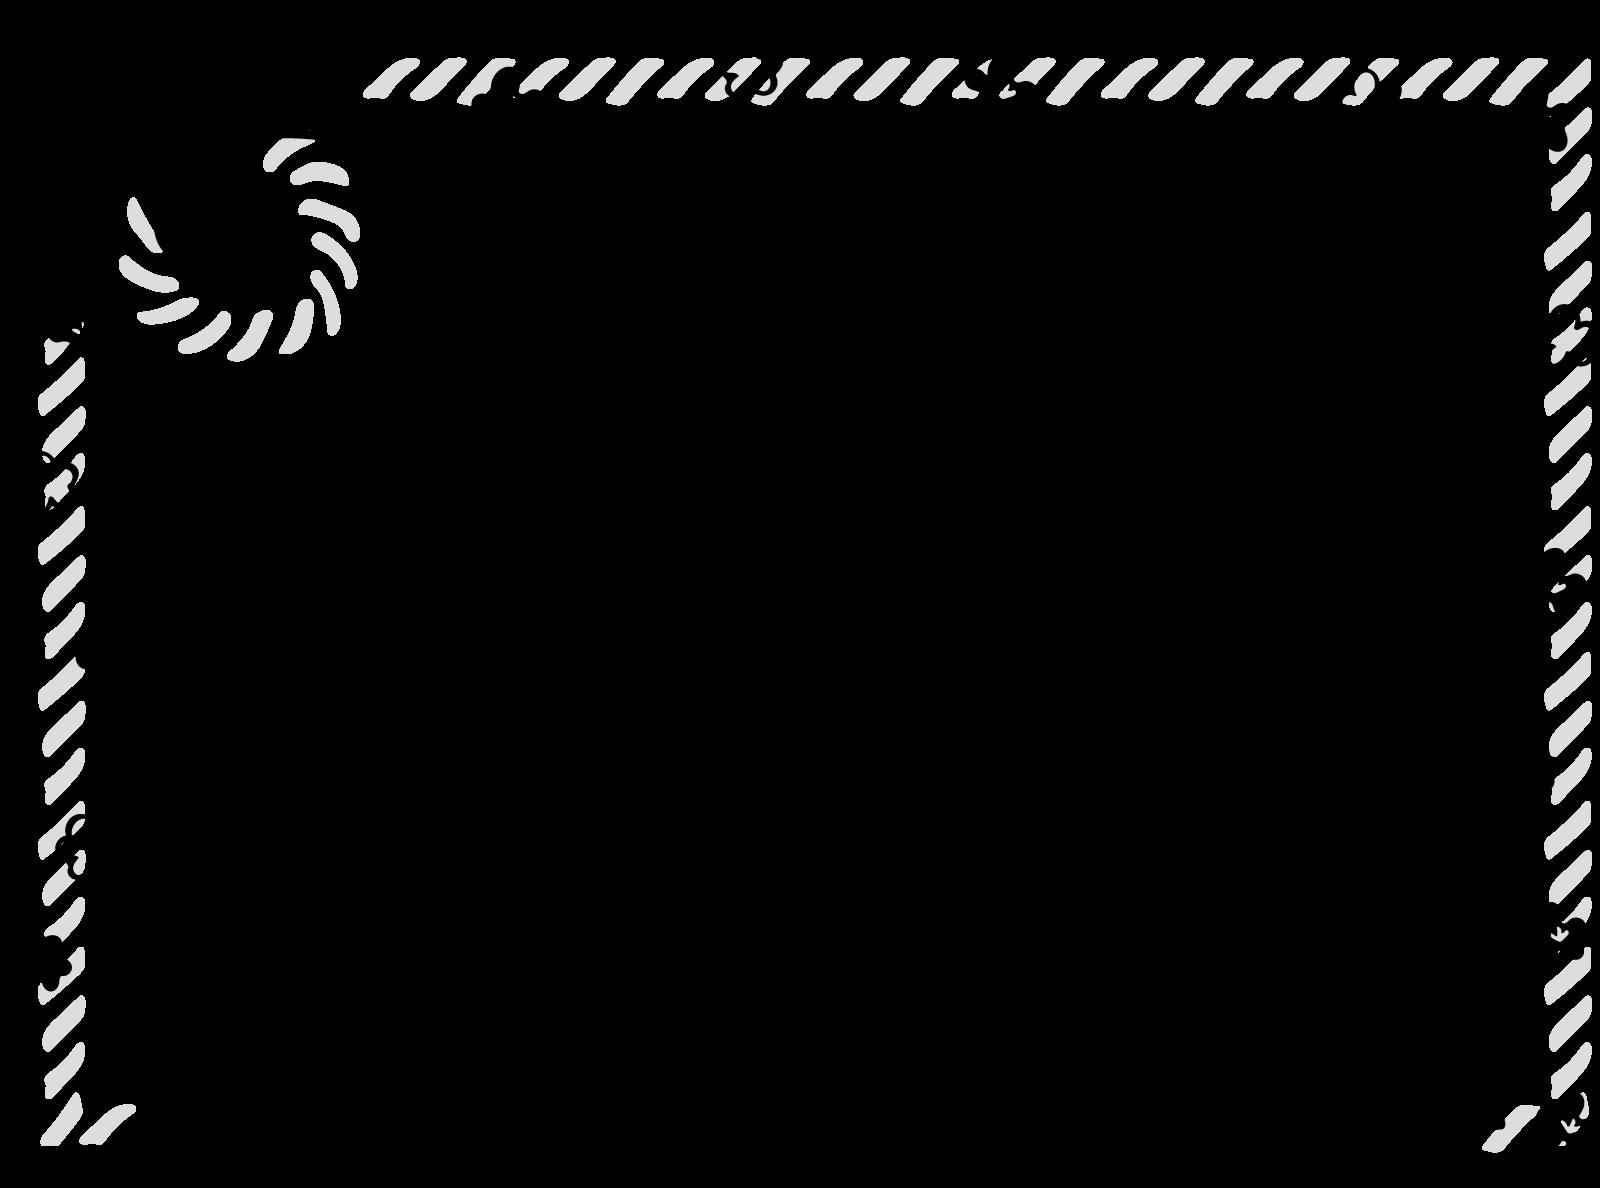 ハッピーニューイヤーのフレーム枠背景イラスト画像素材(白黒、モノクロ)